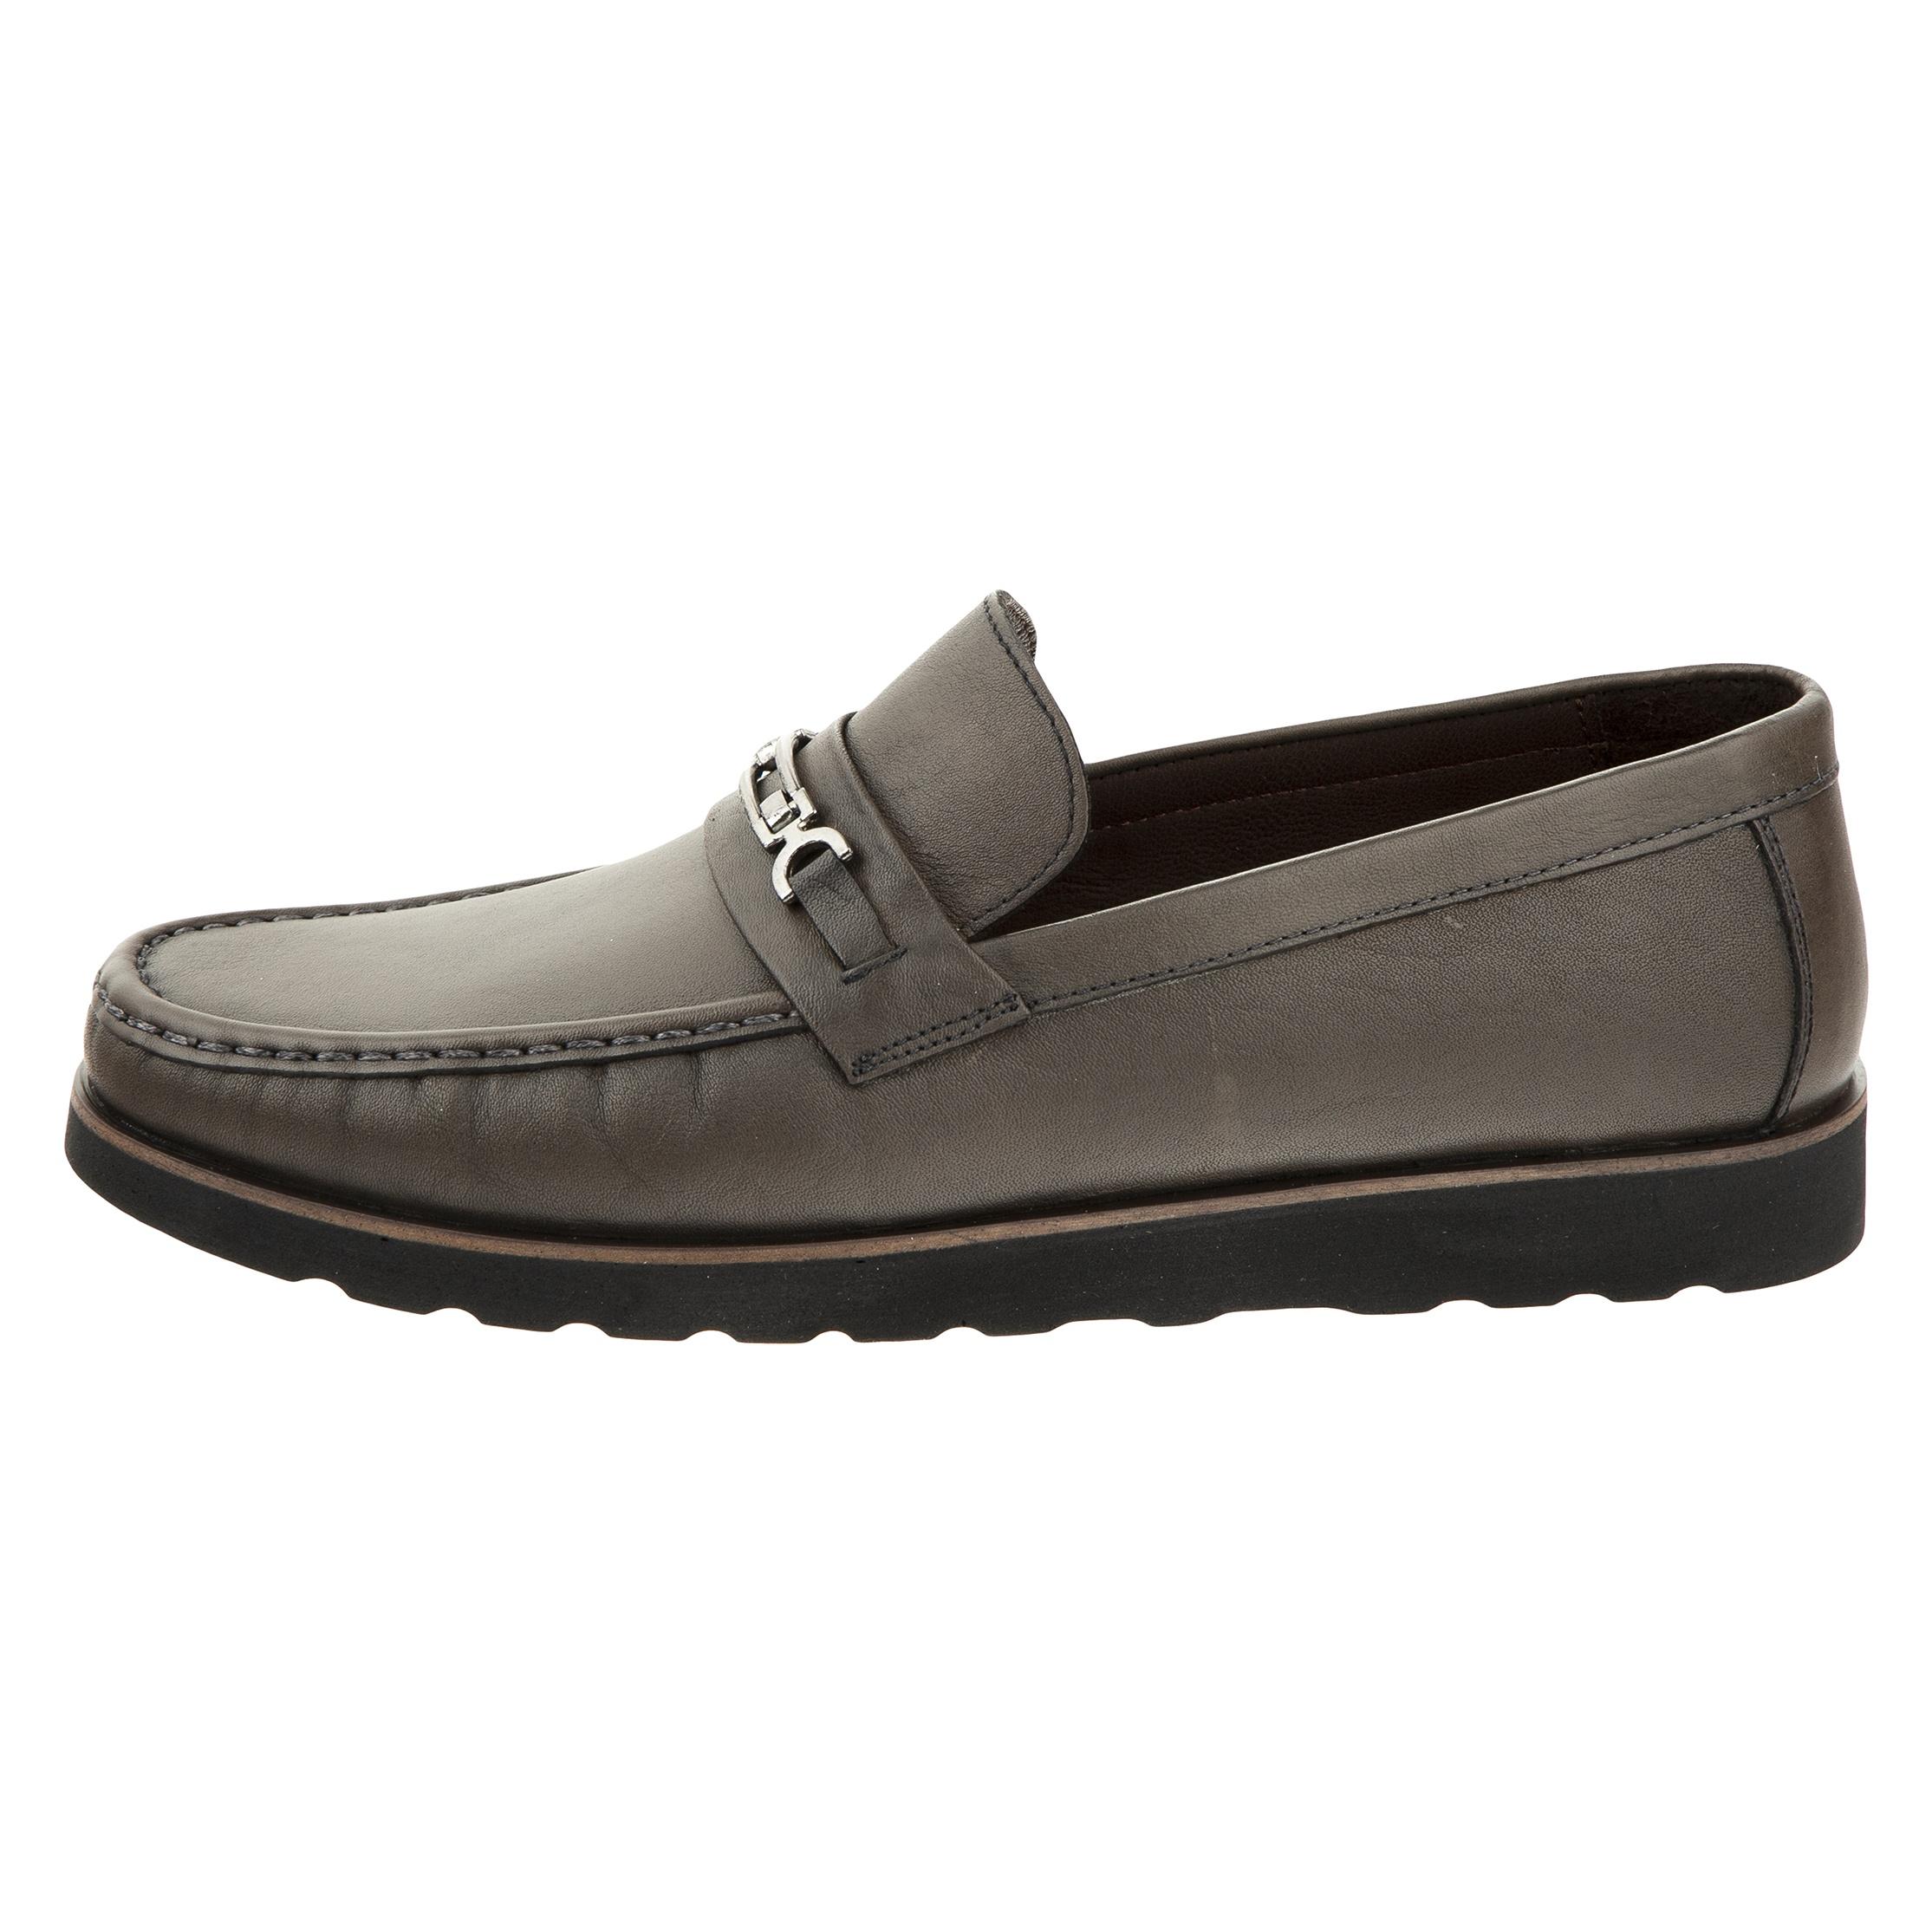 کفش روزمره مردانه گاندو مدل 93-711